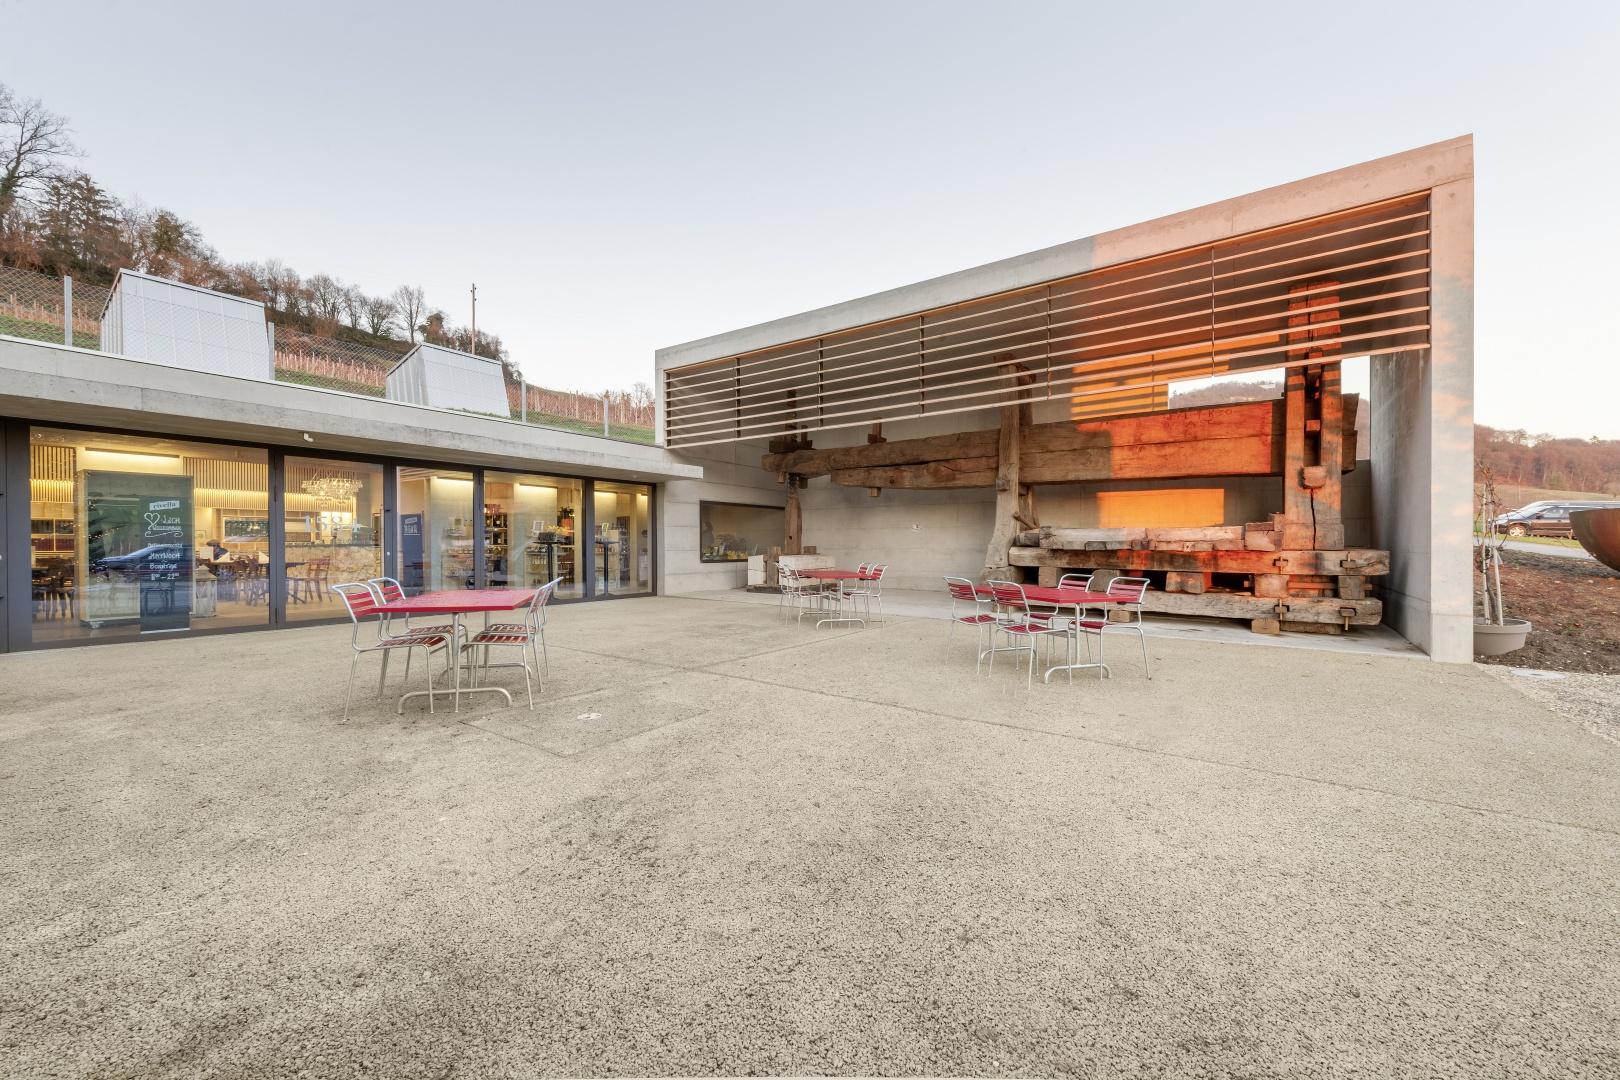 Aussenbereich Restaurant © Peter Hebeisen, Zürich